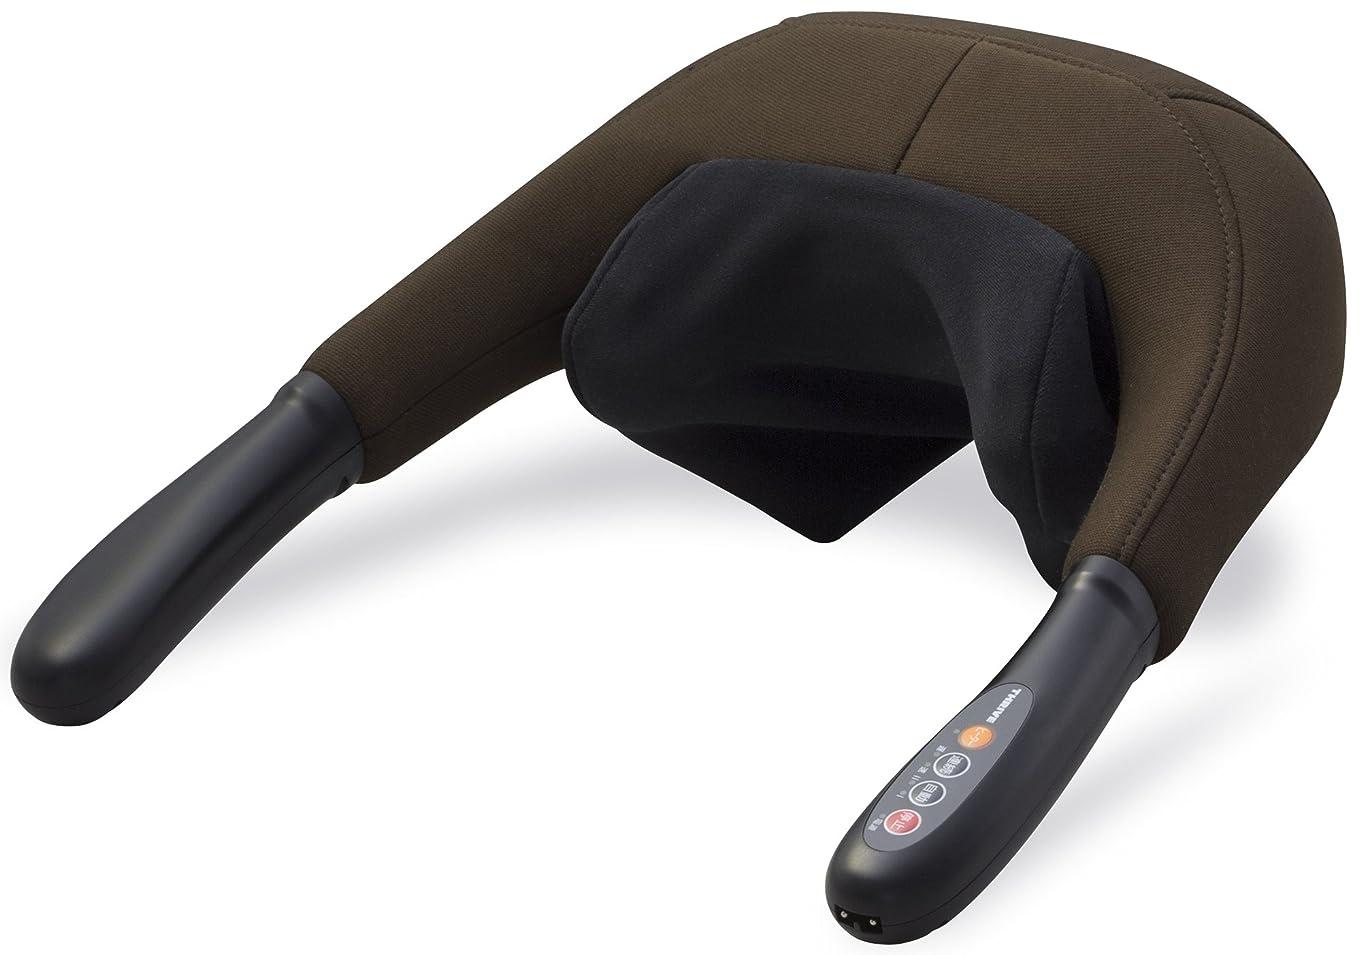 輪郭フィクションせがむスライヴ つかみもみマッサージャー(ヒーター機能搭載) ブラウン 「通販限定モデル」 MD-415(BR)